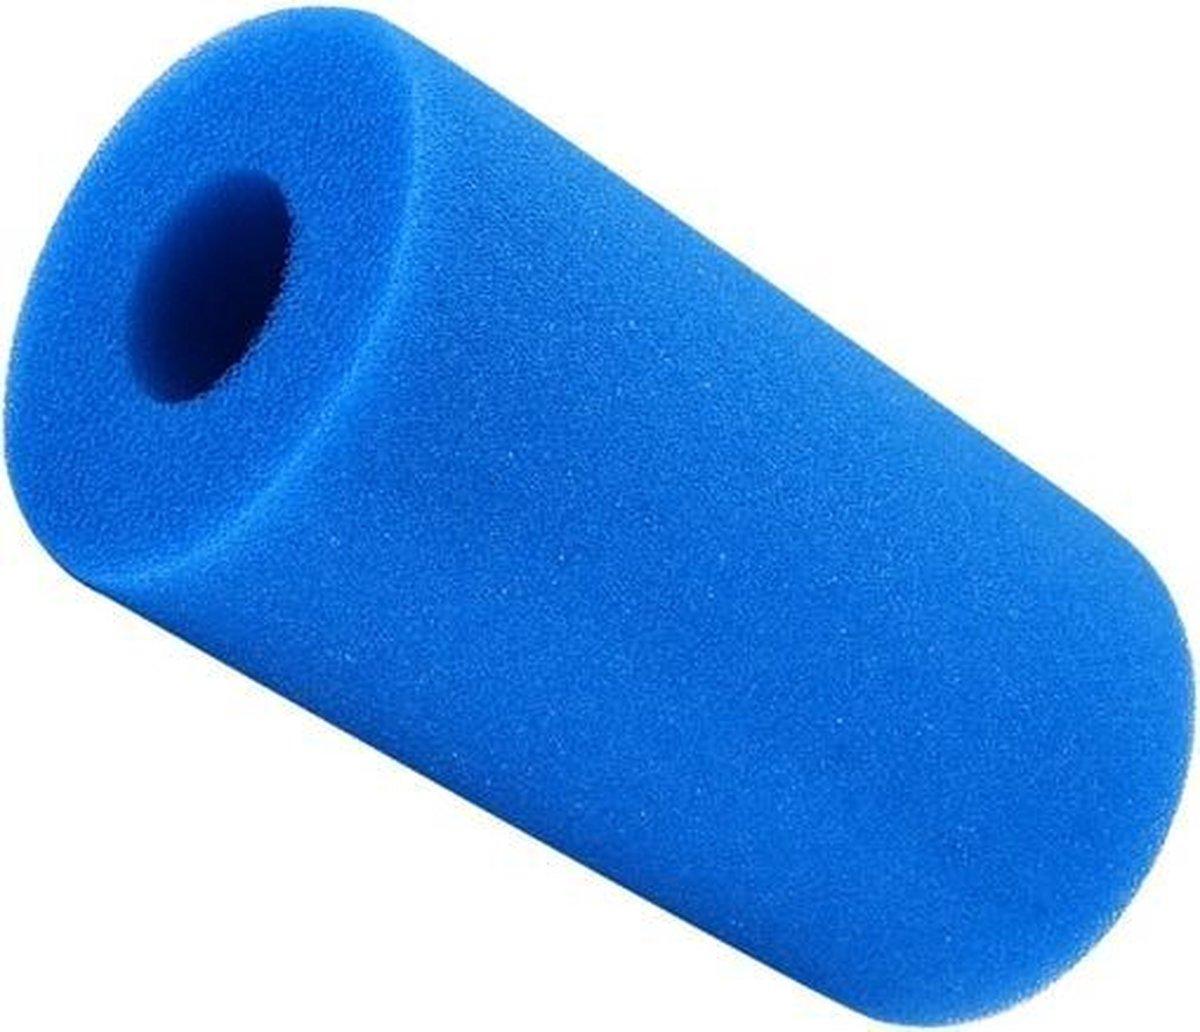 Intex Zwembad Filter Type A - Herbruikbaar en Uitwasbaar - Voor Intex Zwembaden & Serviceboek LYFSTYLE!